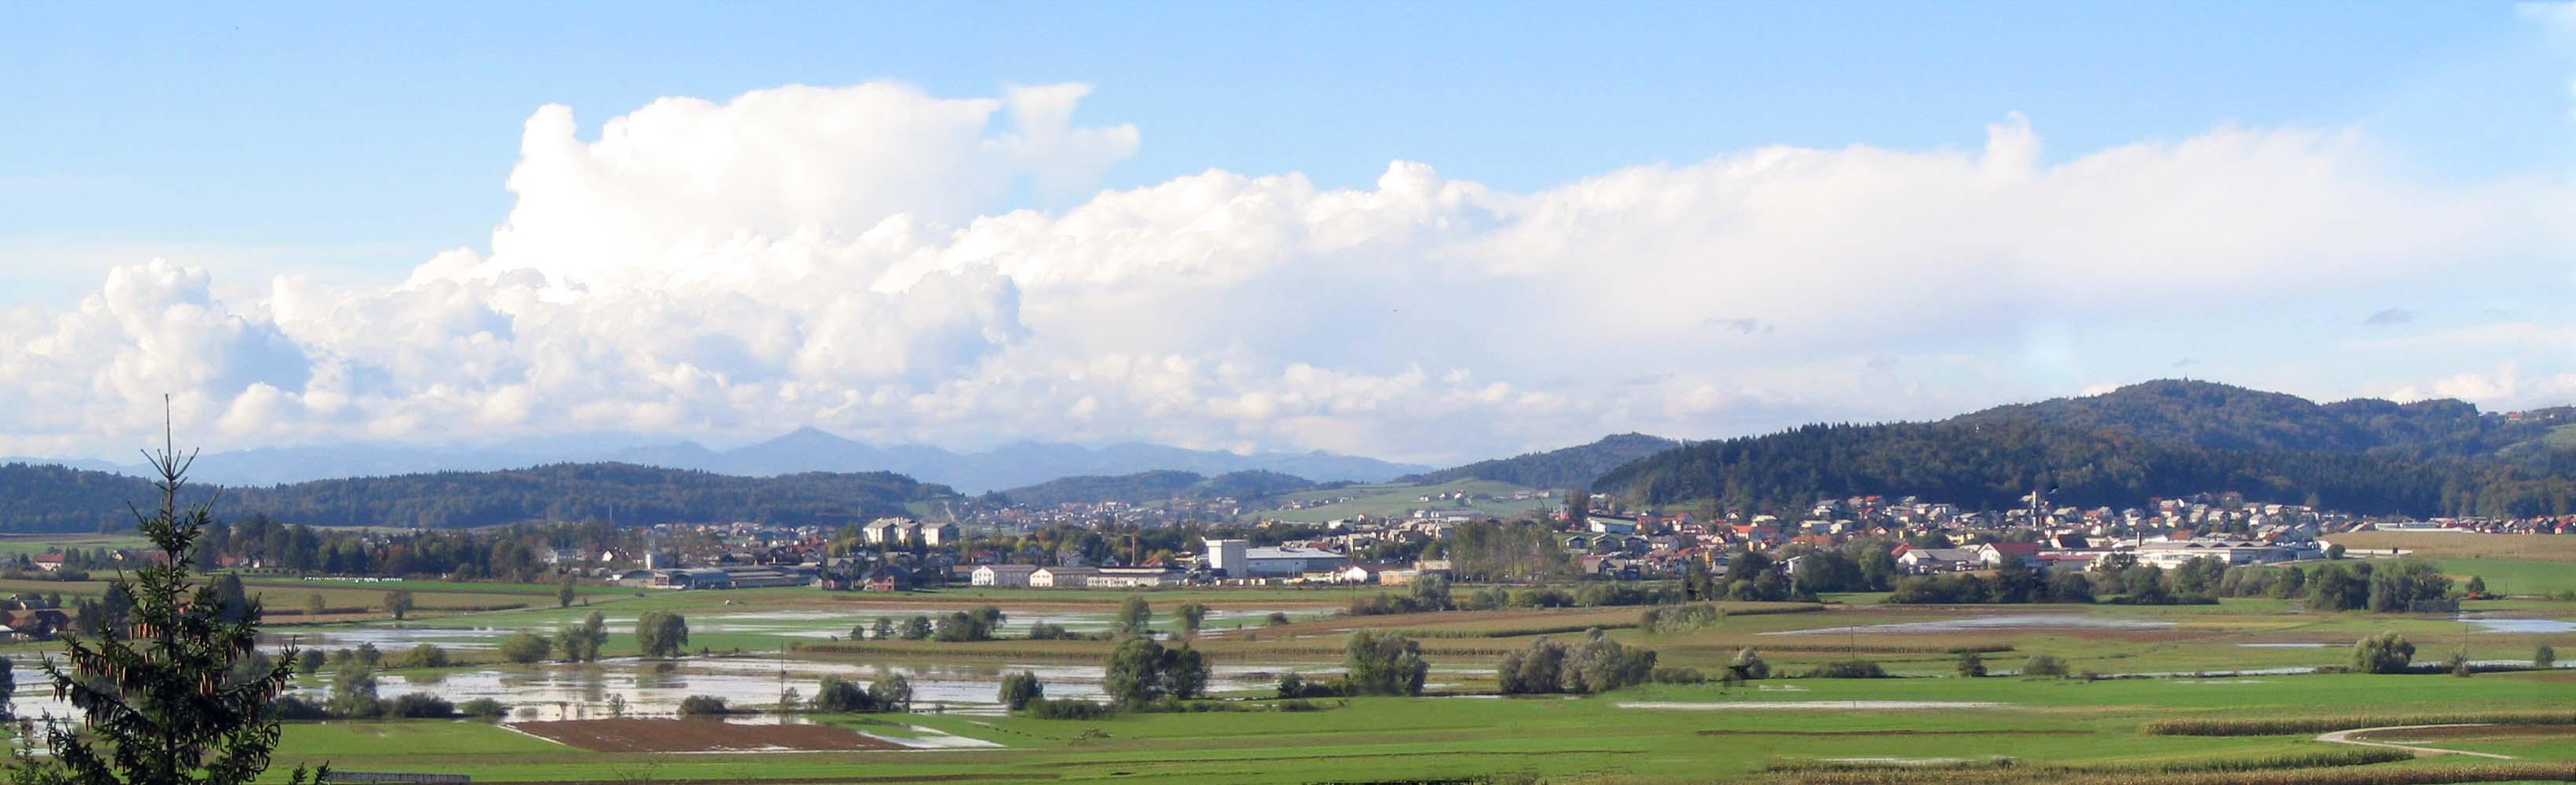 Rezultat iskanja slik za Občina Grosuplje